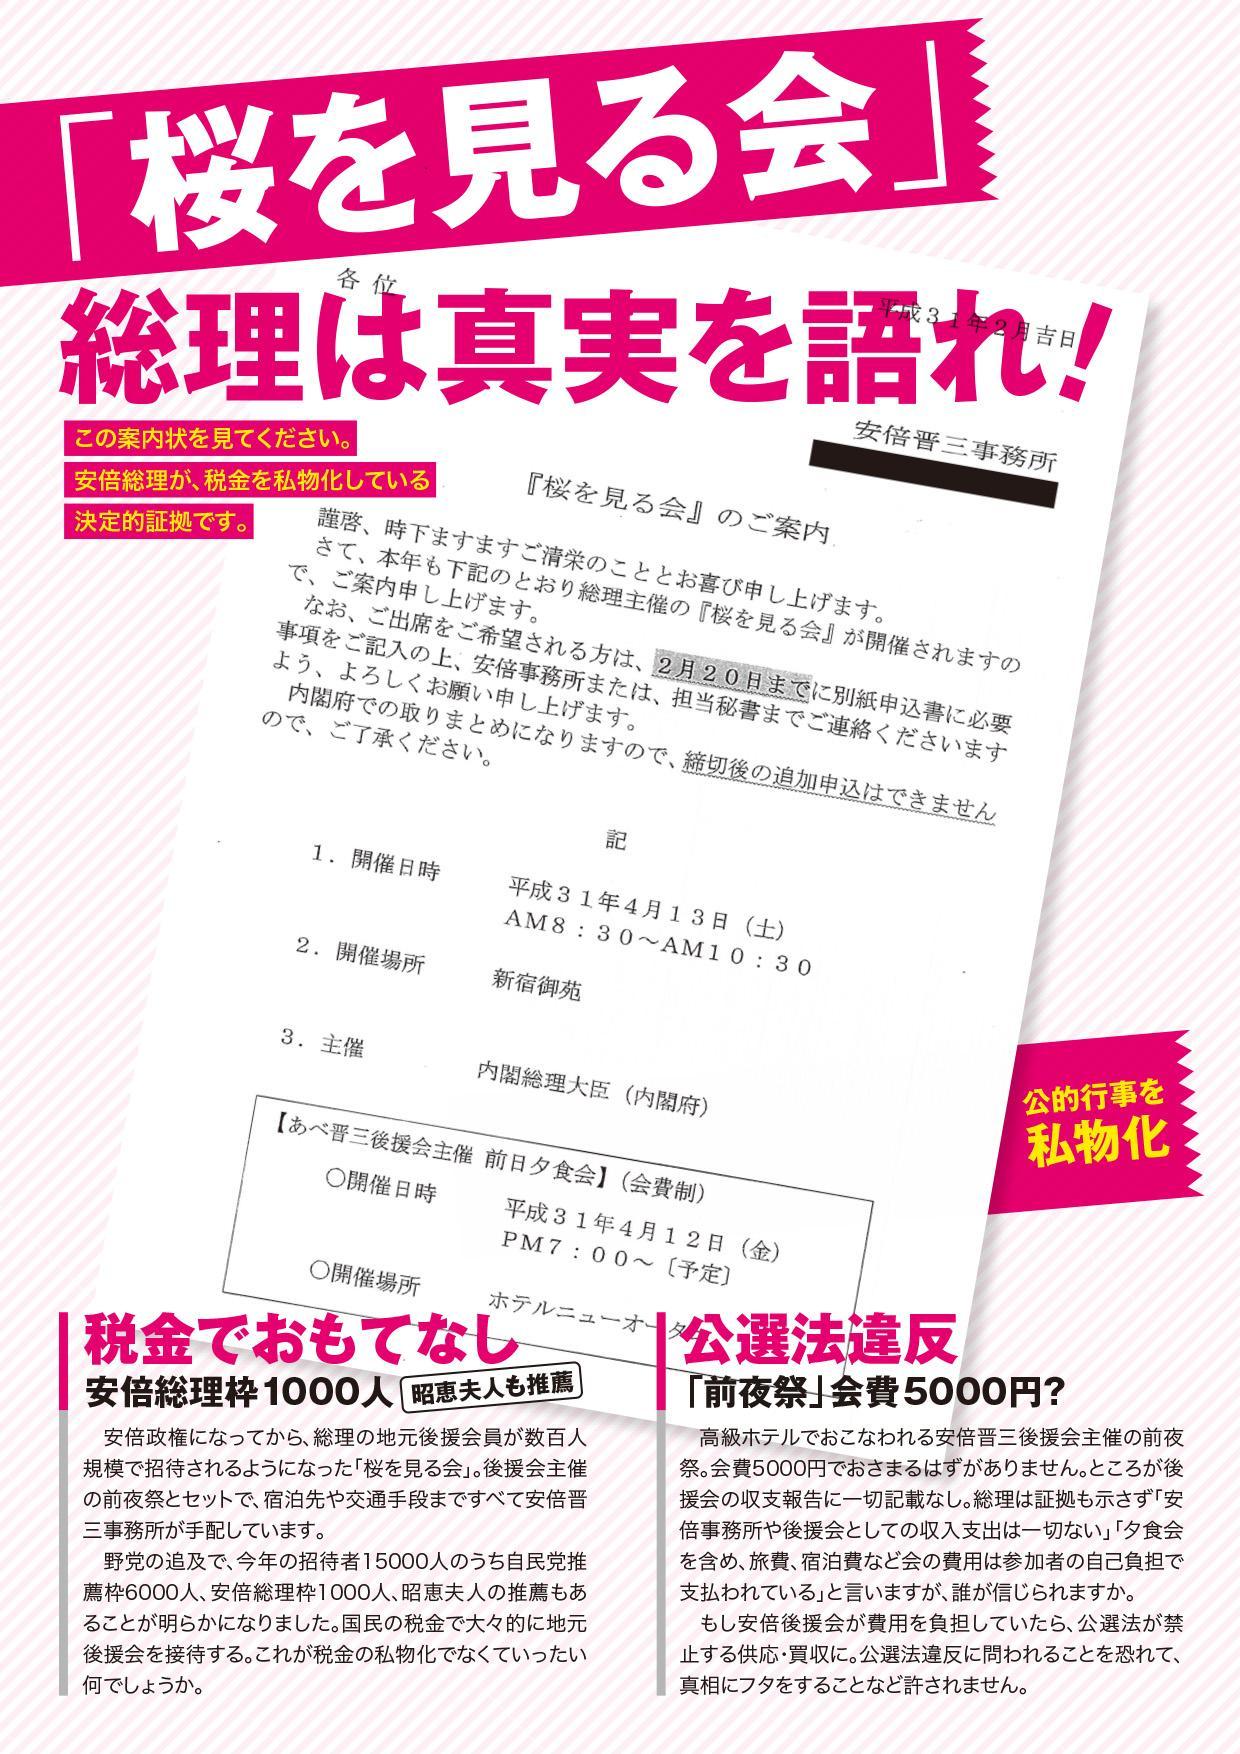 「桜を見る会」総理は真実を語れ! 野党「追及本部」が真相究明に全力